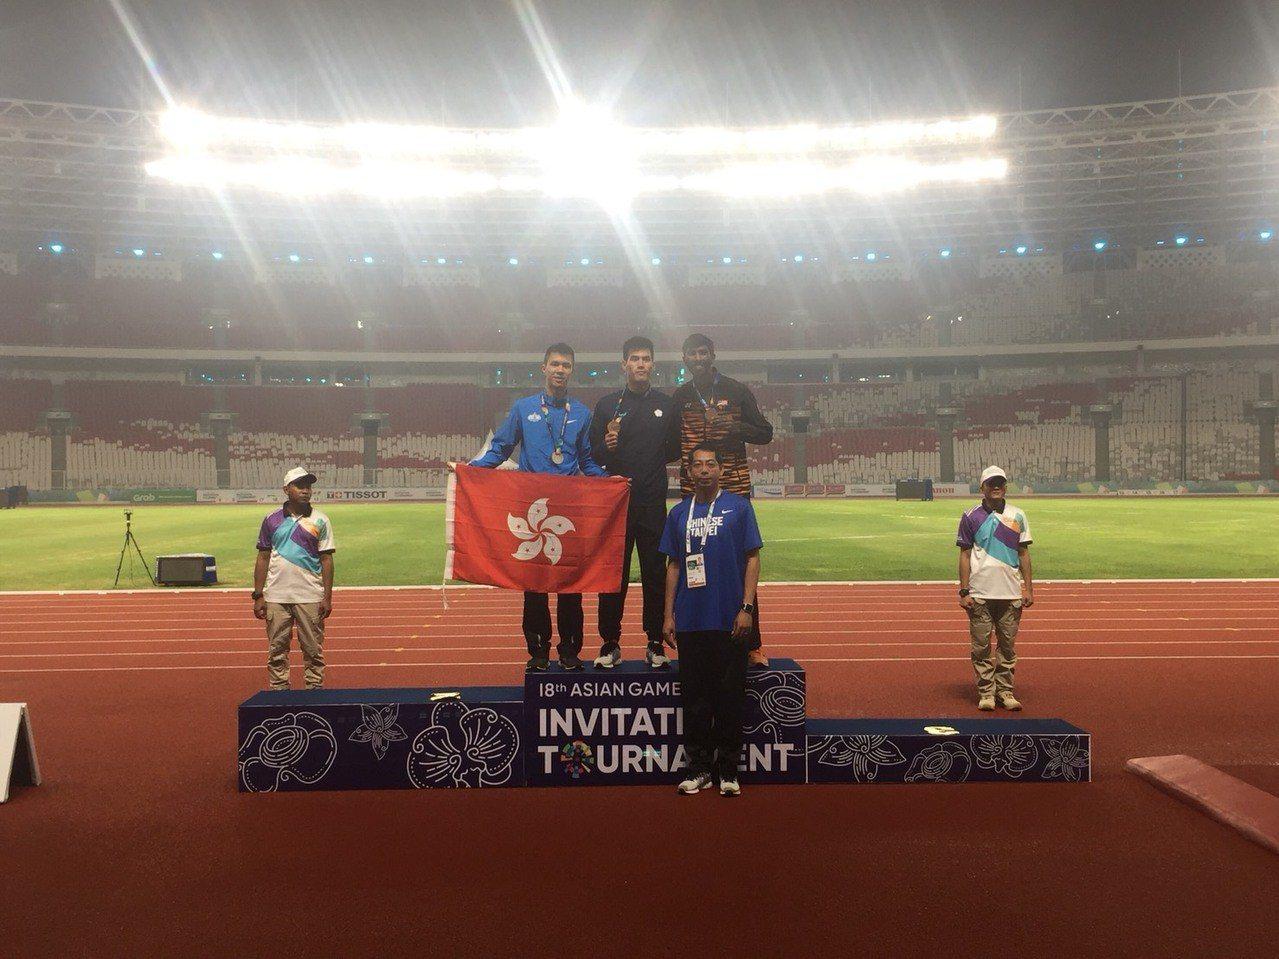 亞運田徑測試賽男子200公尺決賽我國選手楊俊瀚(後排中)以20秒88的成績抱回金...